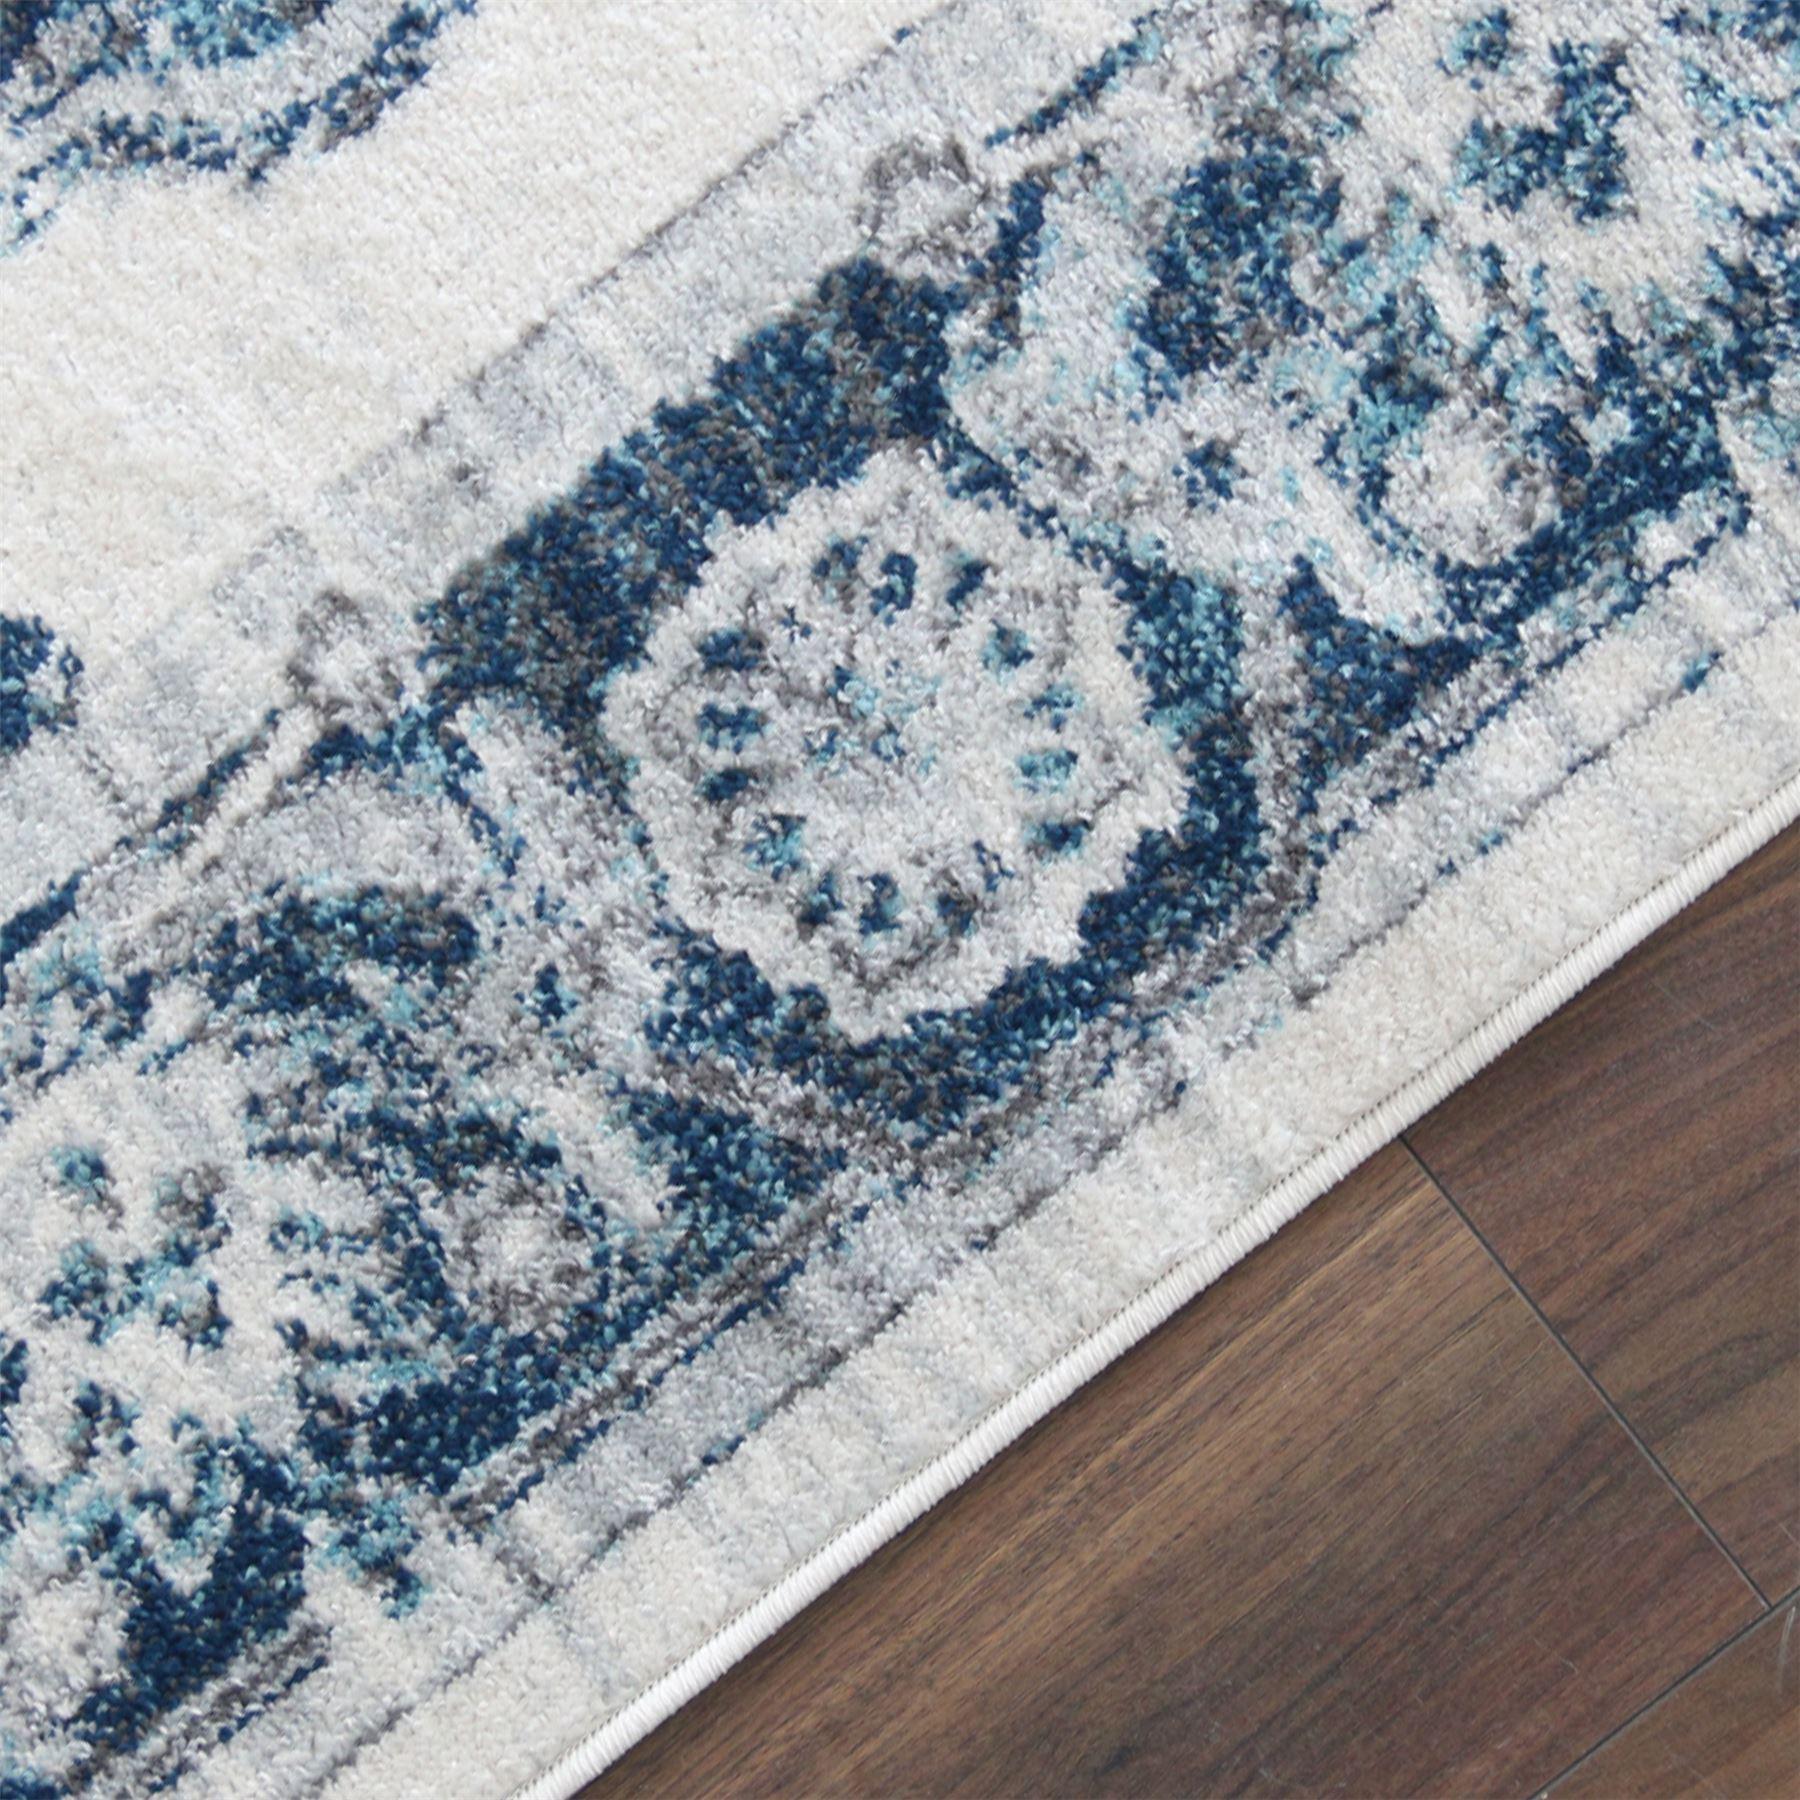 Crema-Tappeto-Oriental-Design-Tappeti-Persiani-salotto-TAPPETINI-tappeti-orientali miniatura 6